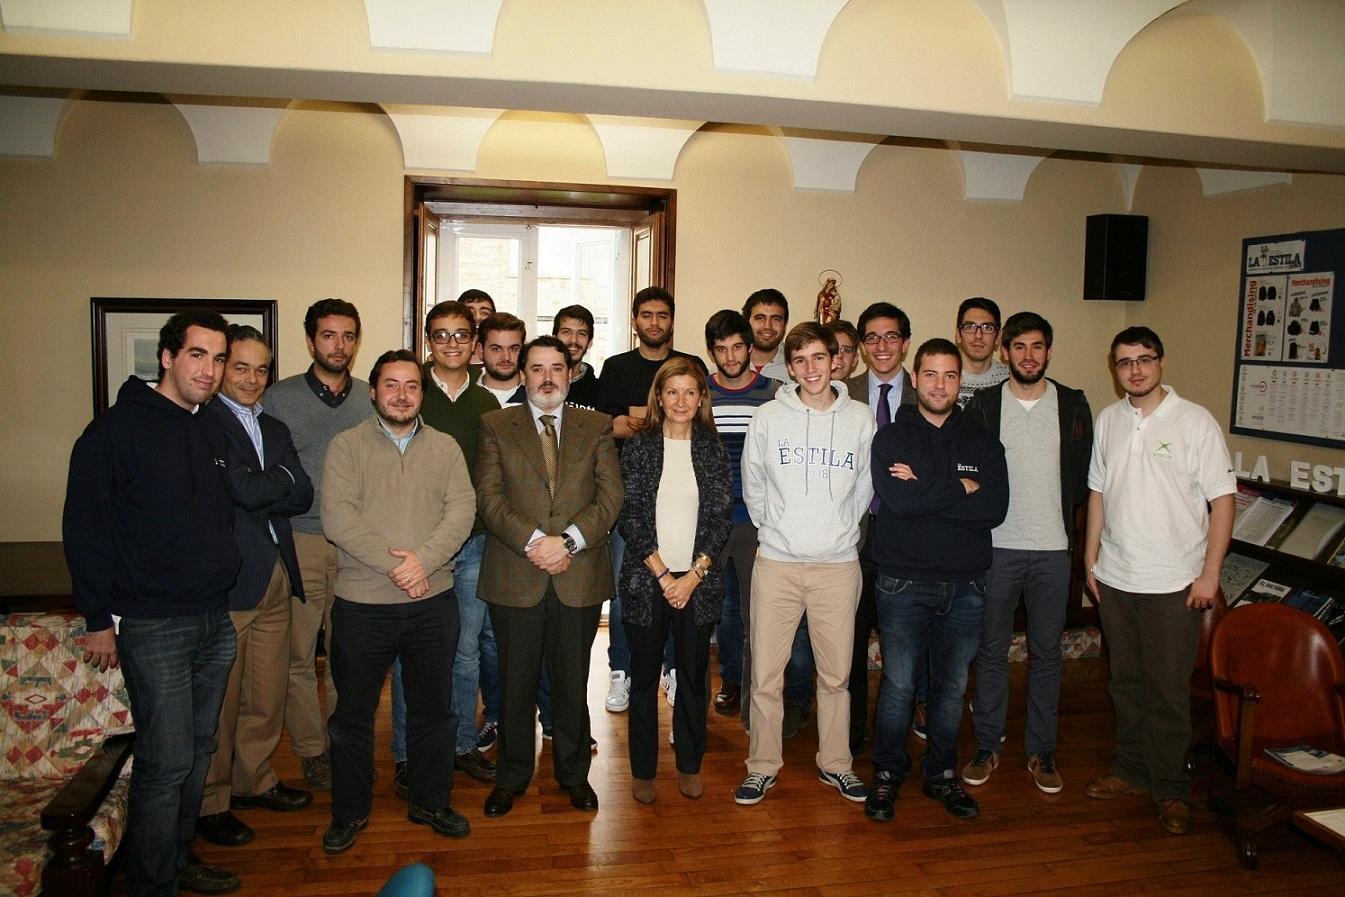 """Loreto González Dopeso, Presidenta de la Asociación """"No Más Novatadas"""", mantiene un encuentro con residentes del Colegio Mayor Universitario La Estila"""